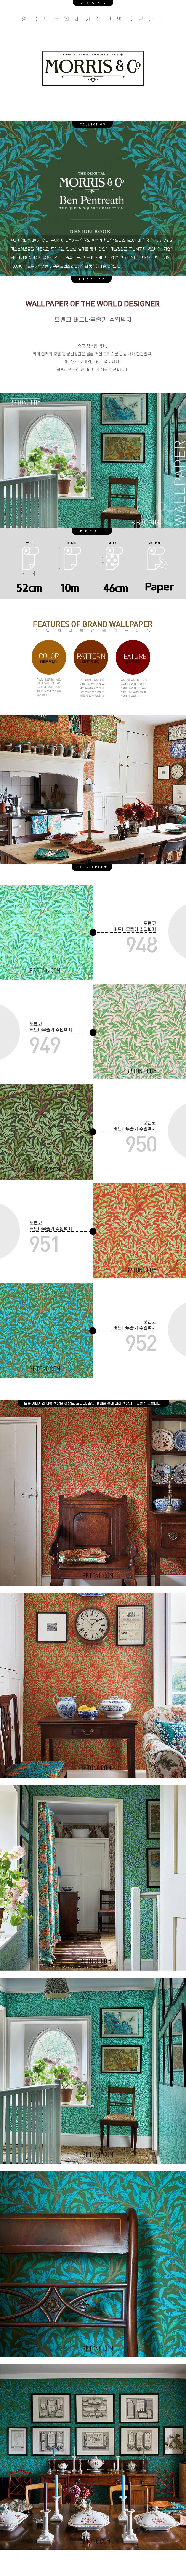 모벤코_버드나무줄기.jpg